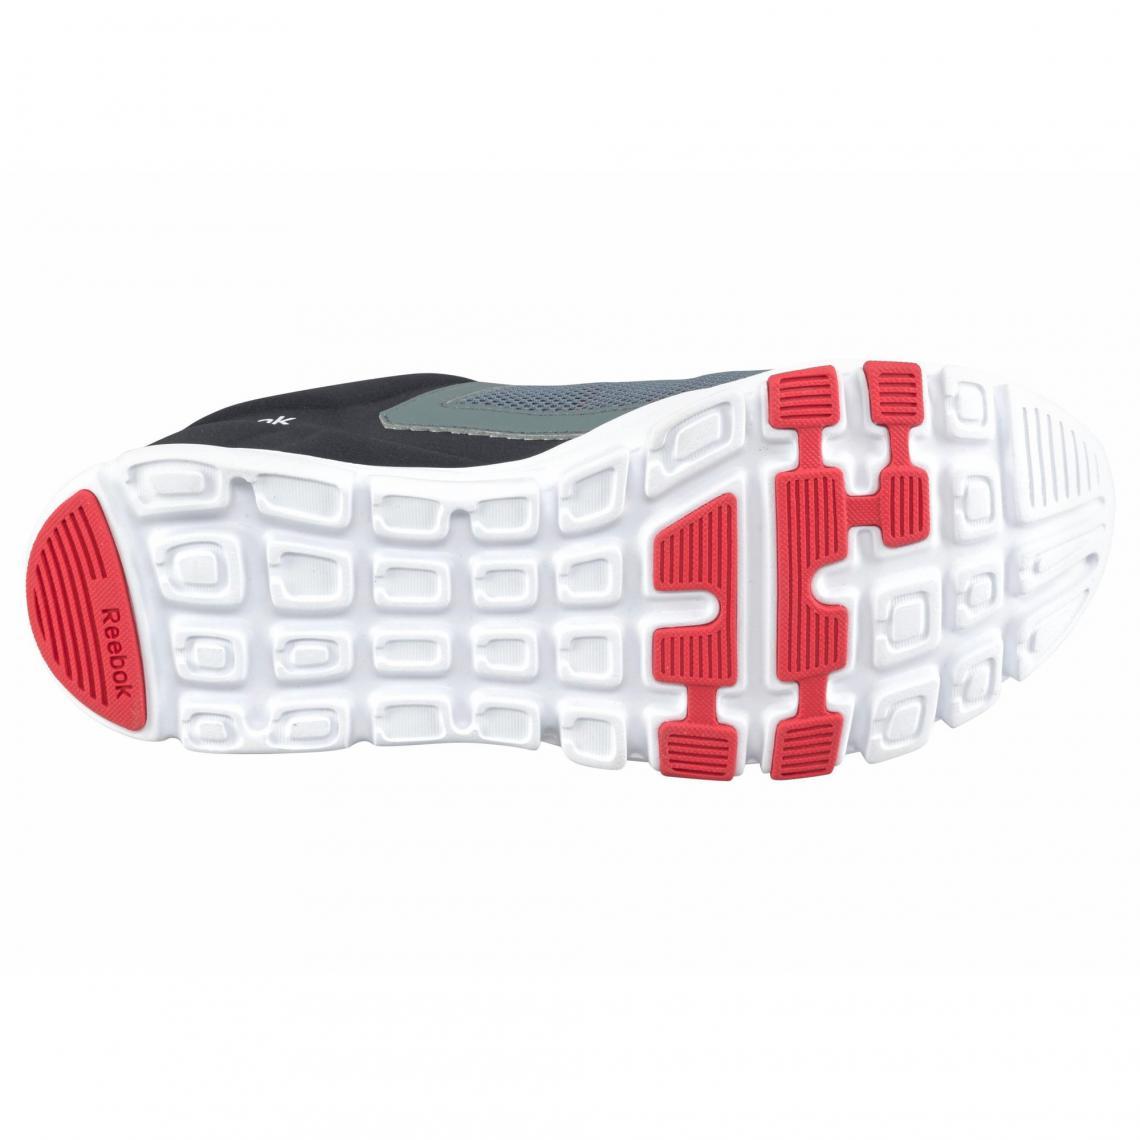 f5c54691fe705 Reebok Yourflex Train 9.0 chaussures de sport pour homme - Gris Reebok